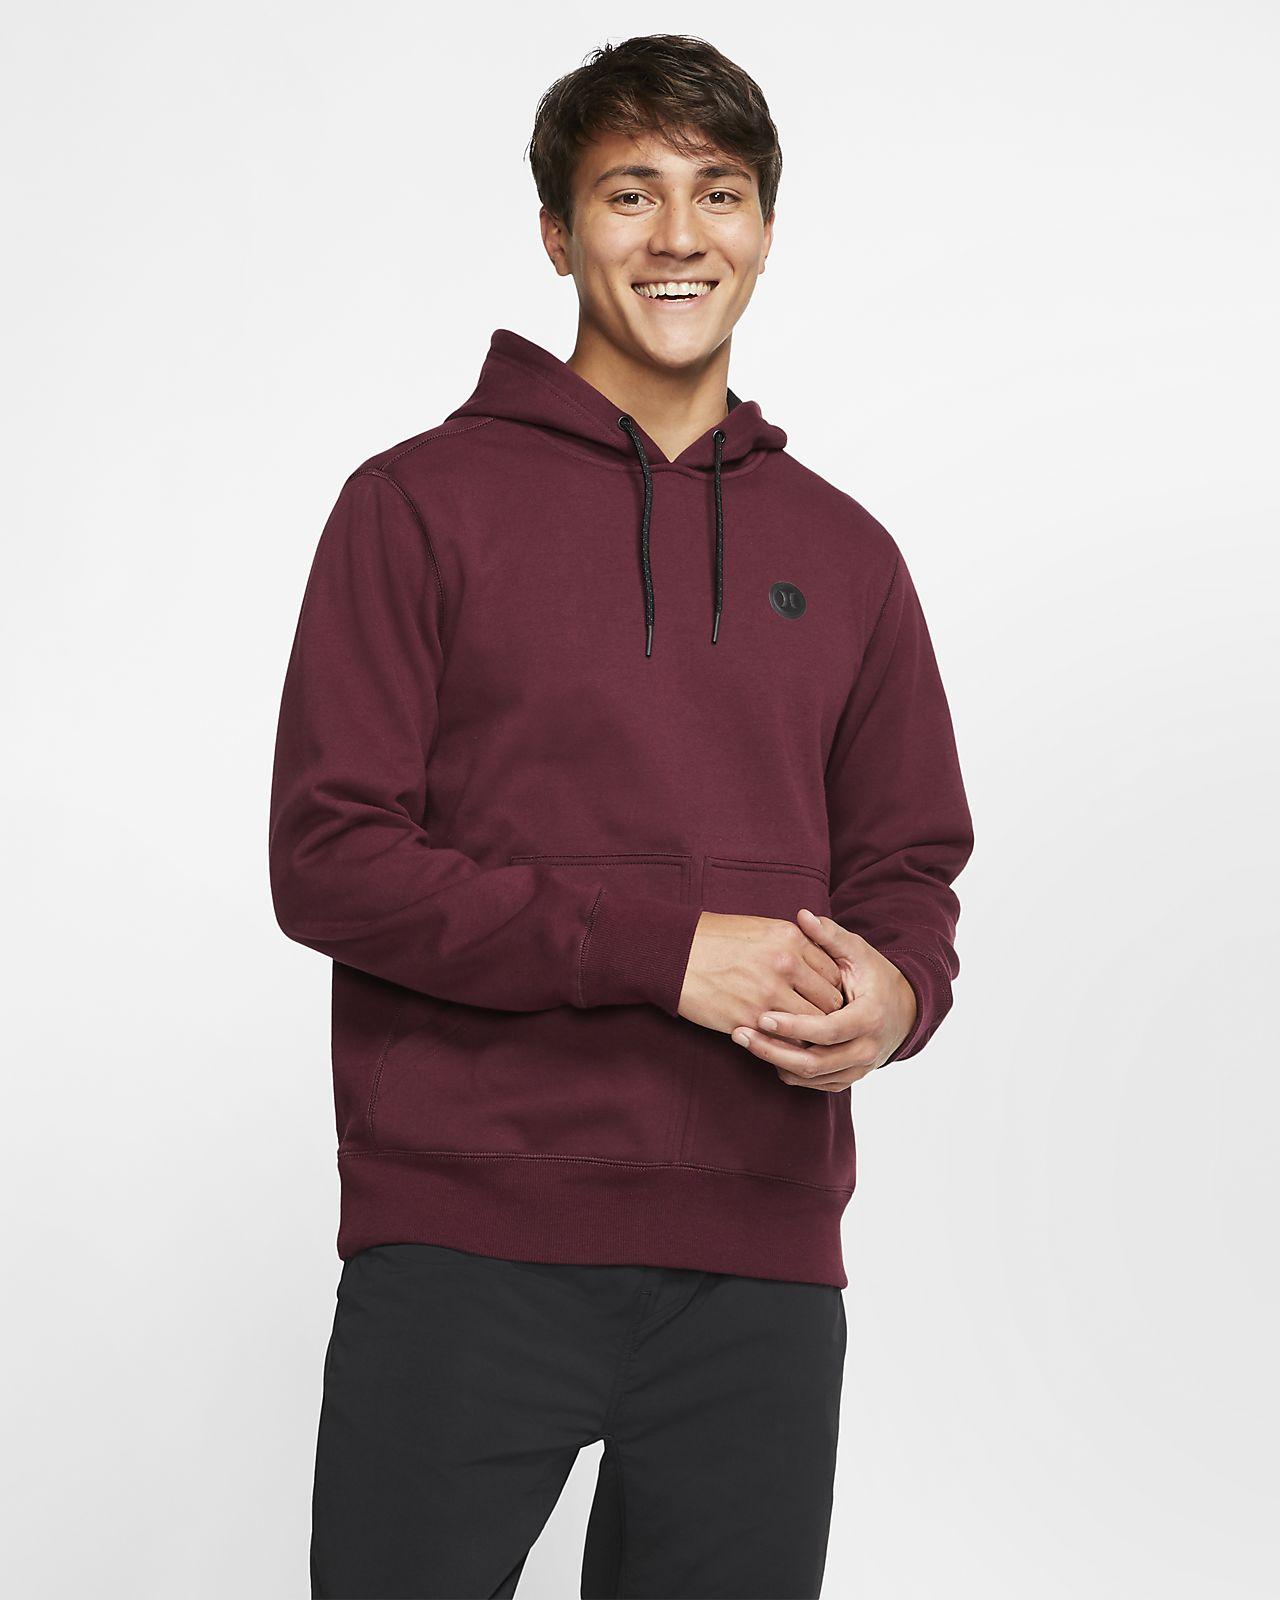 Hurley Therma Protect Men's Fleece Pullover Hoodie